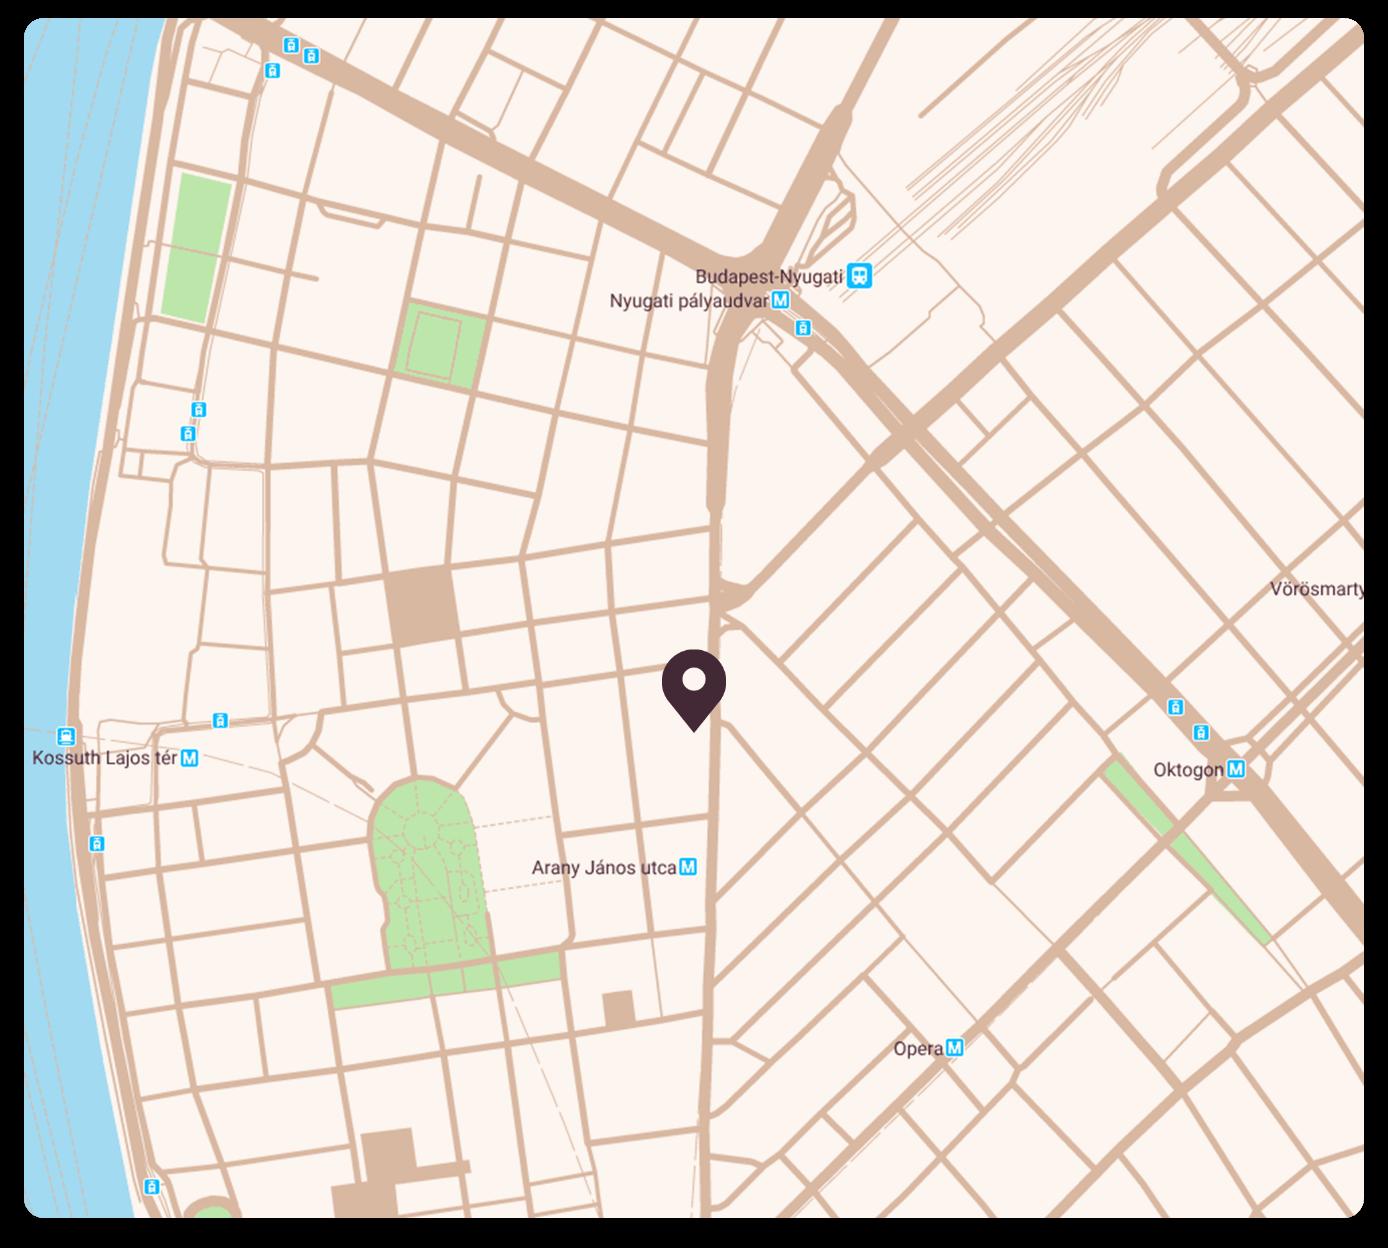 Térkép, mley  a Café English iskola helyszínét jelöli